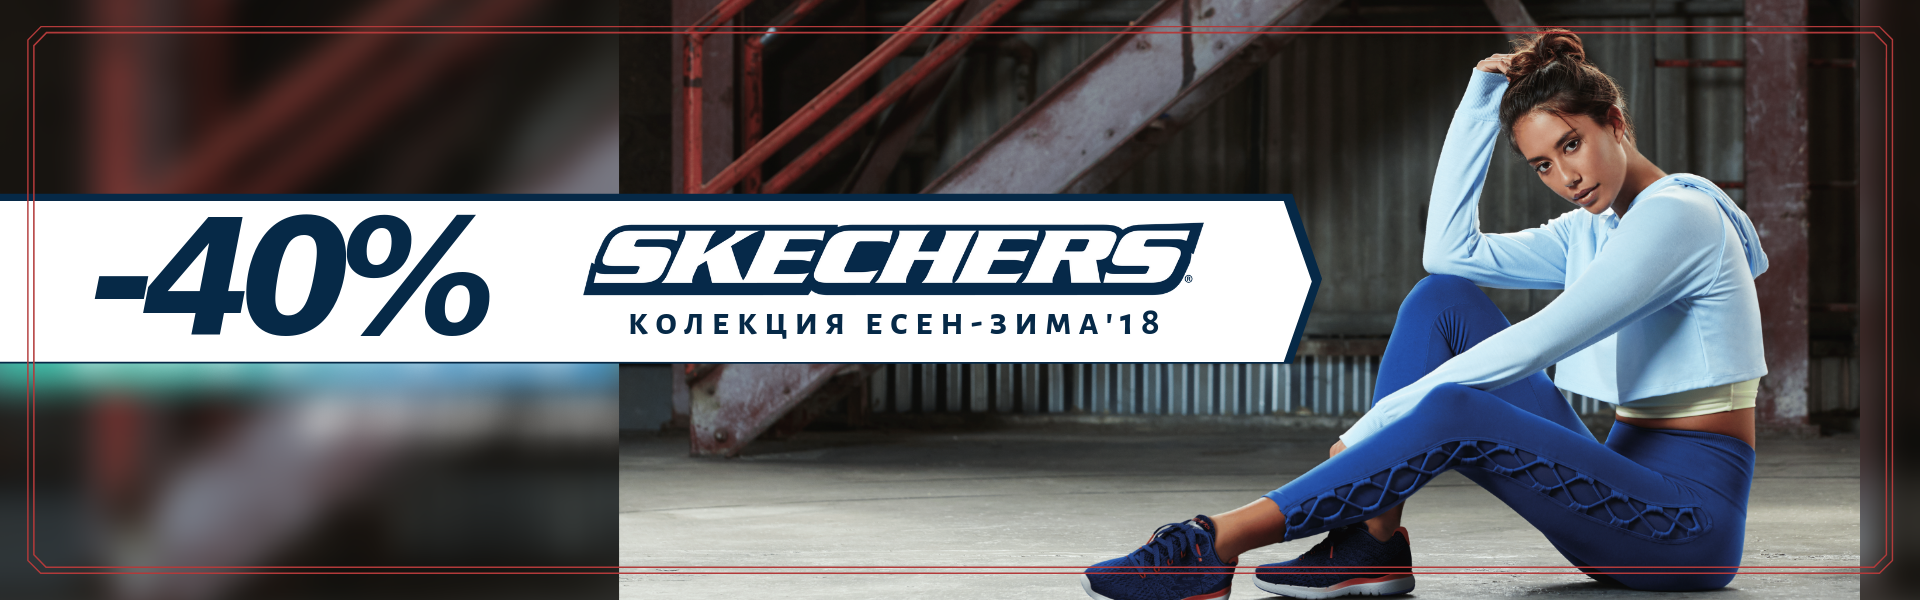 Sale 40% Skechers FW18